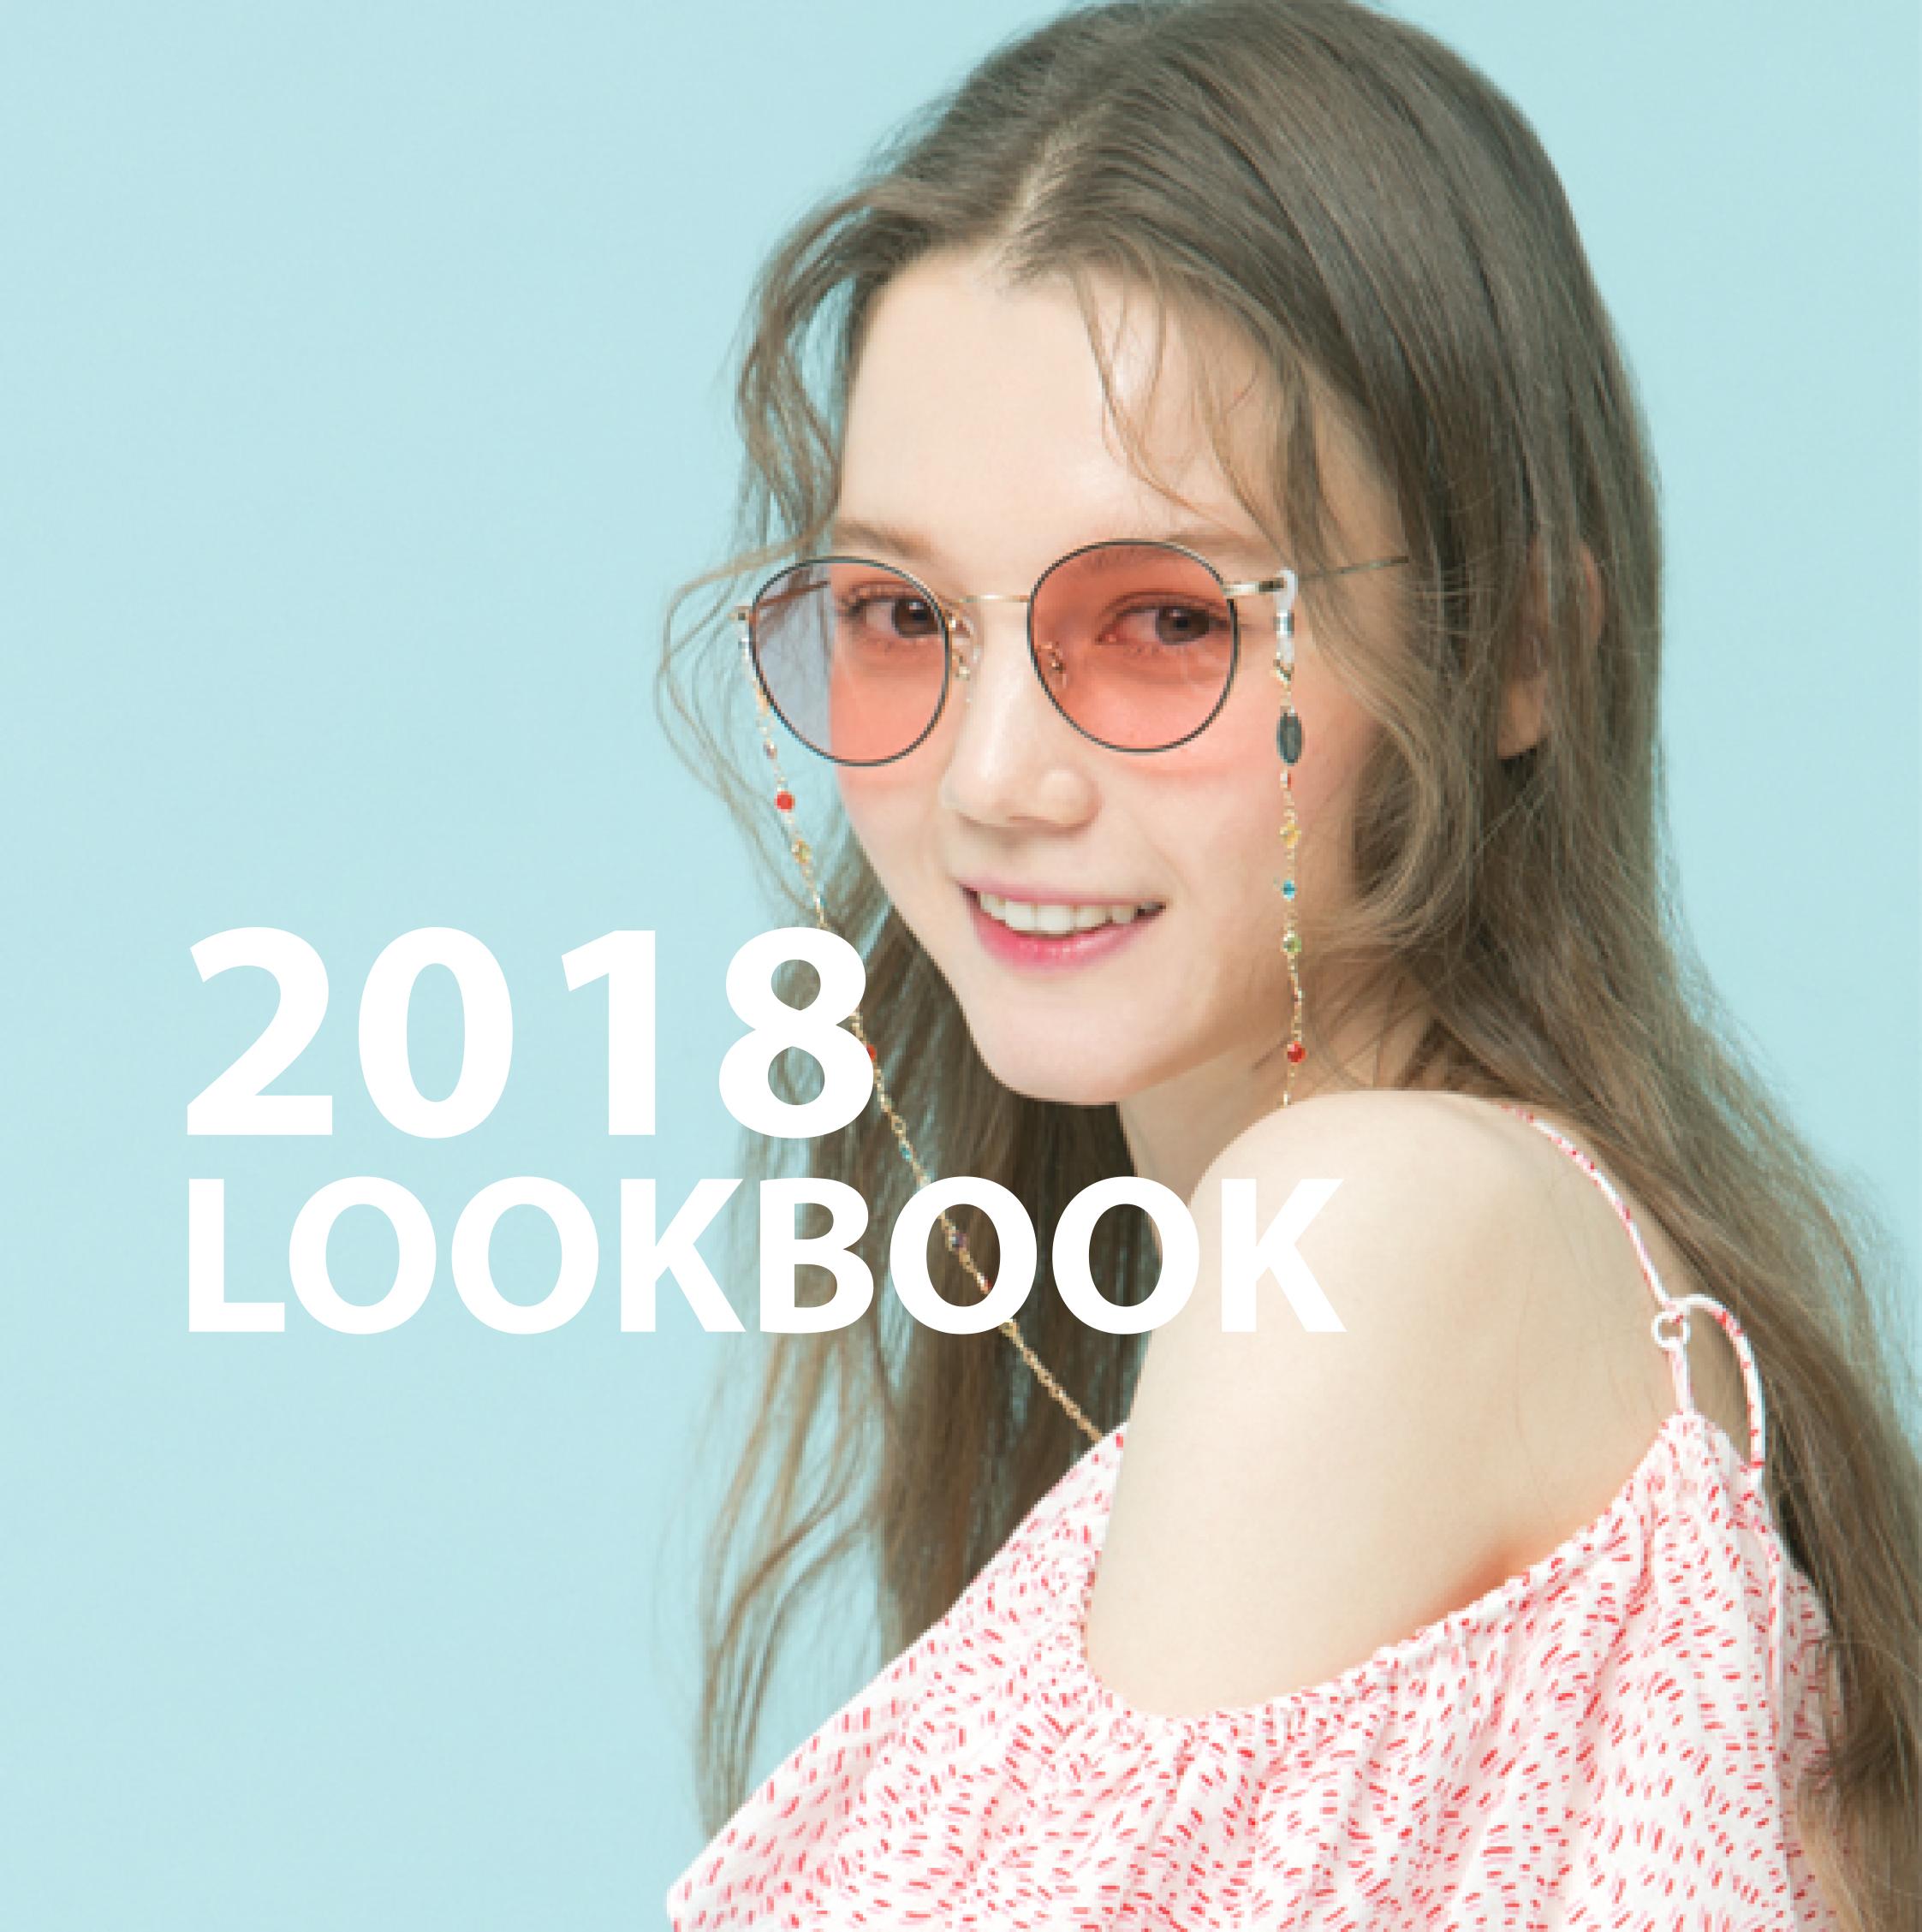 2018 LOOKBOOK